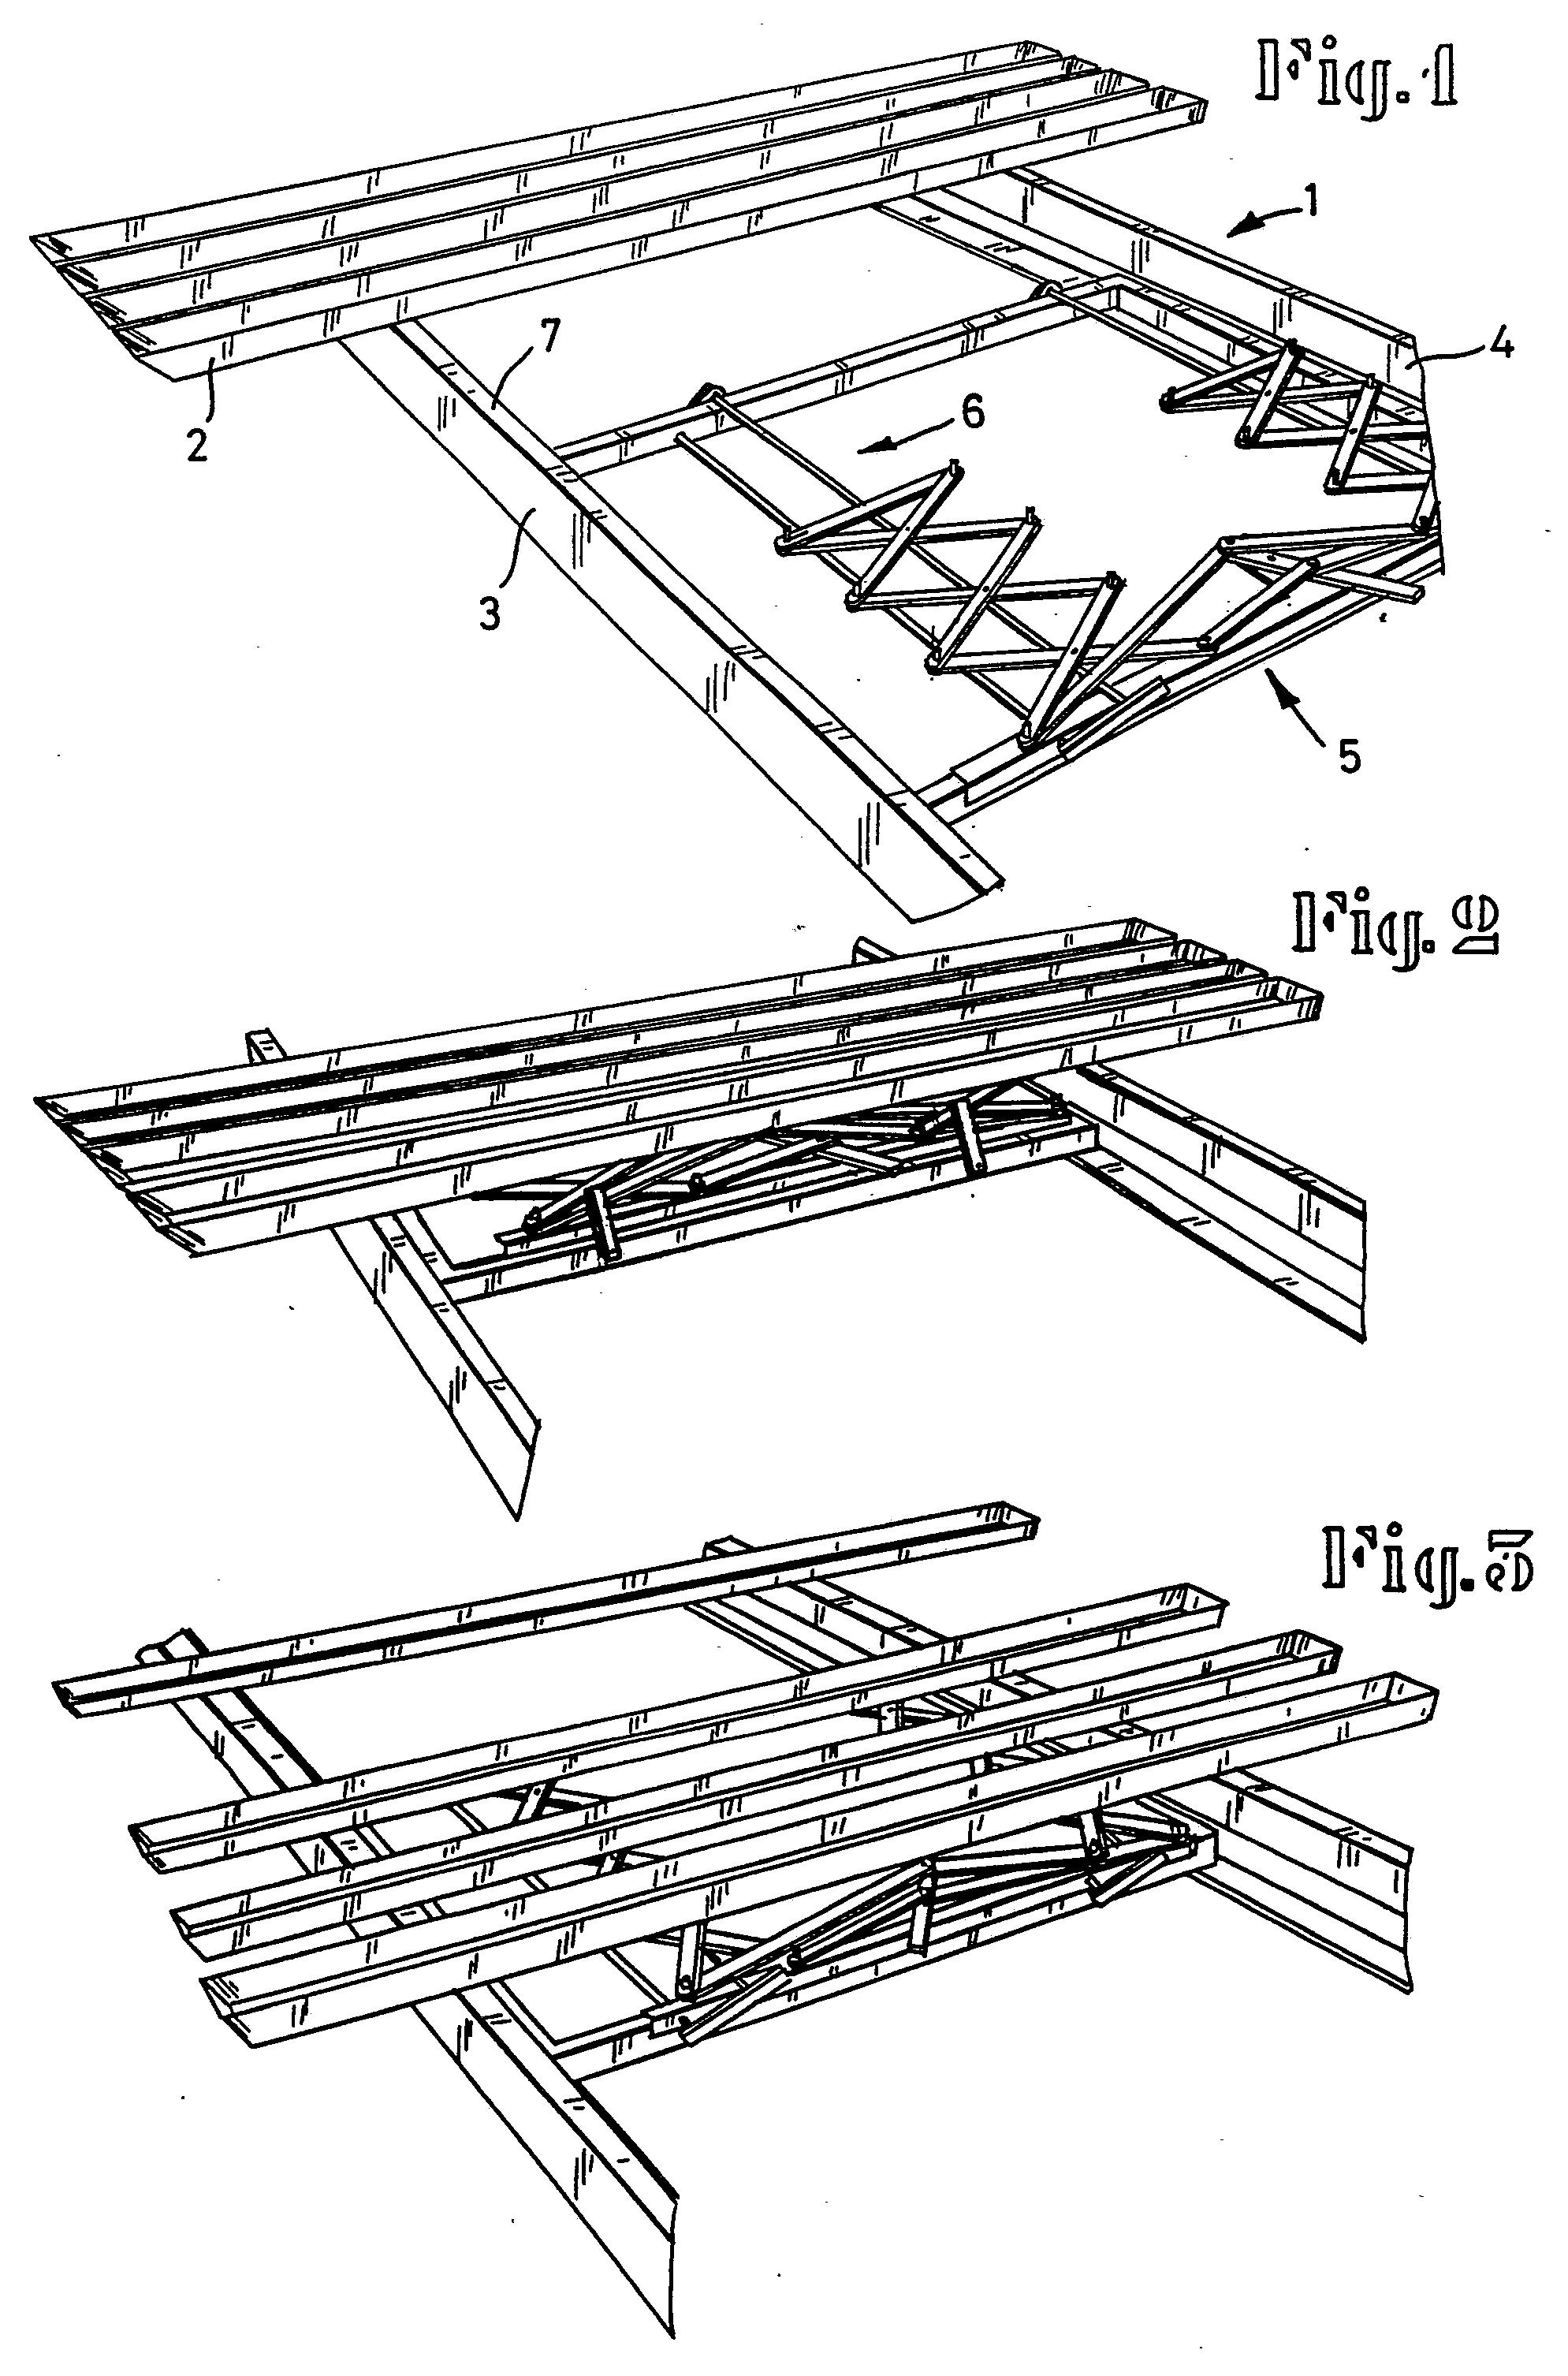 Gartenbaubetriebe  Patent EP0314916A1 - Pflanztisch für Gartenbaubetriebe - Google ...